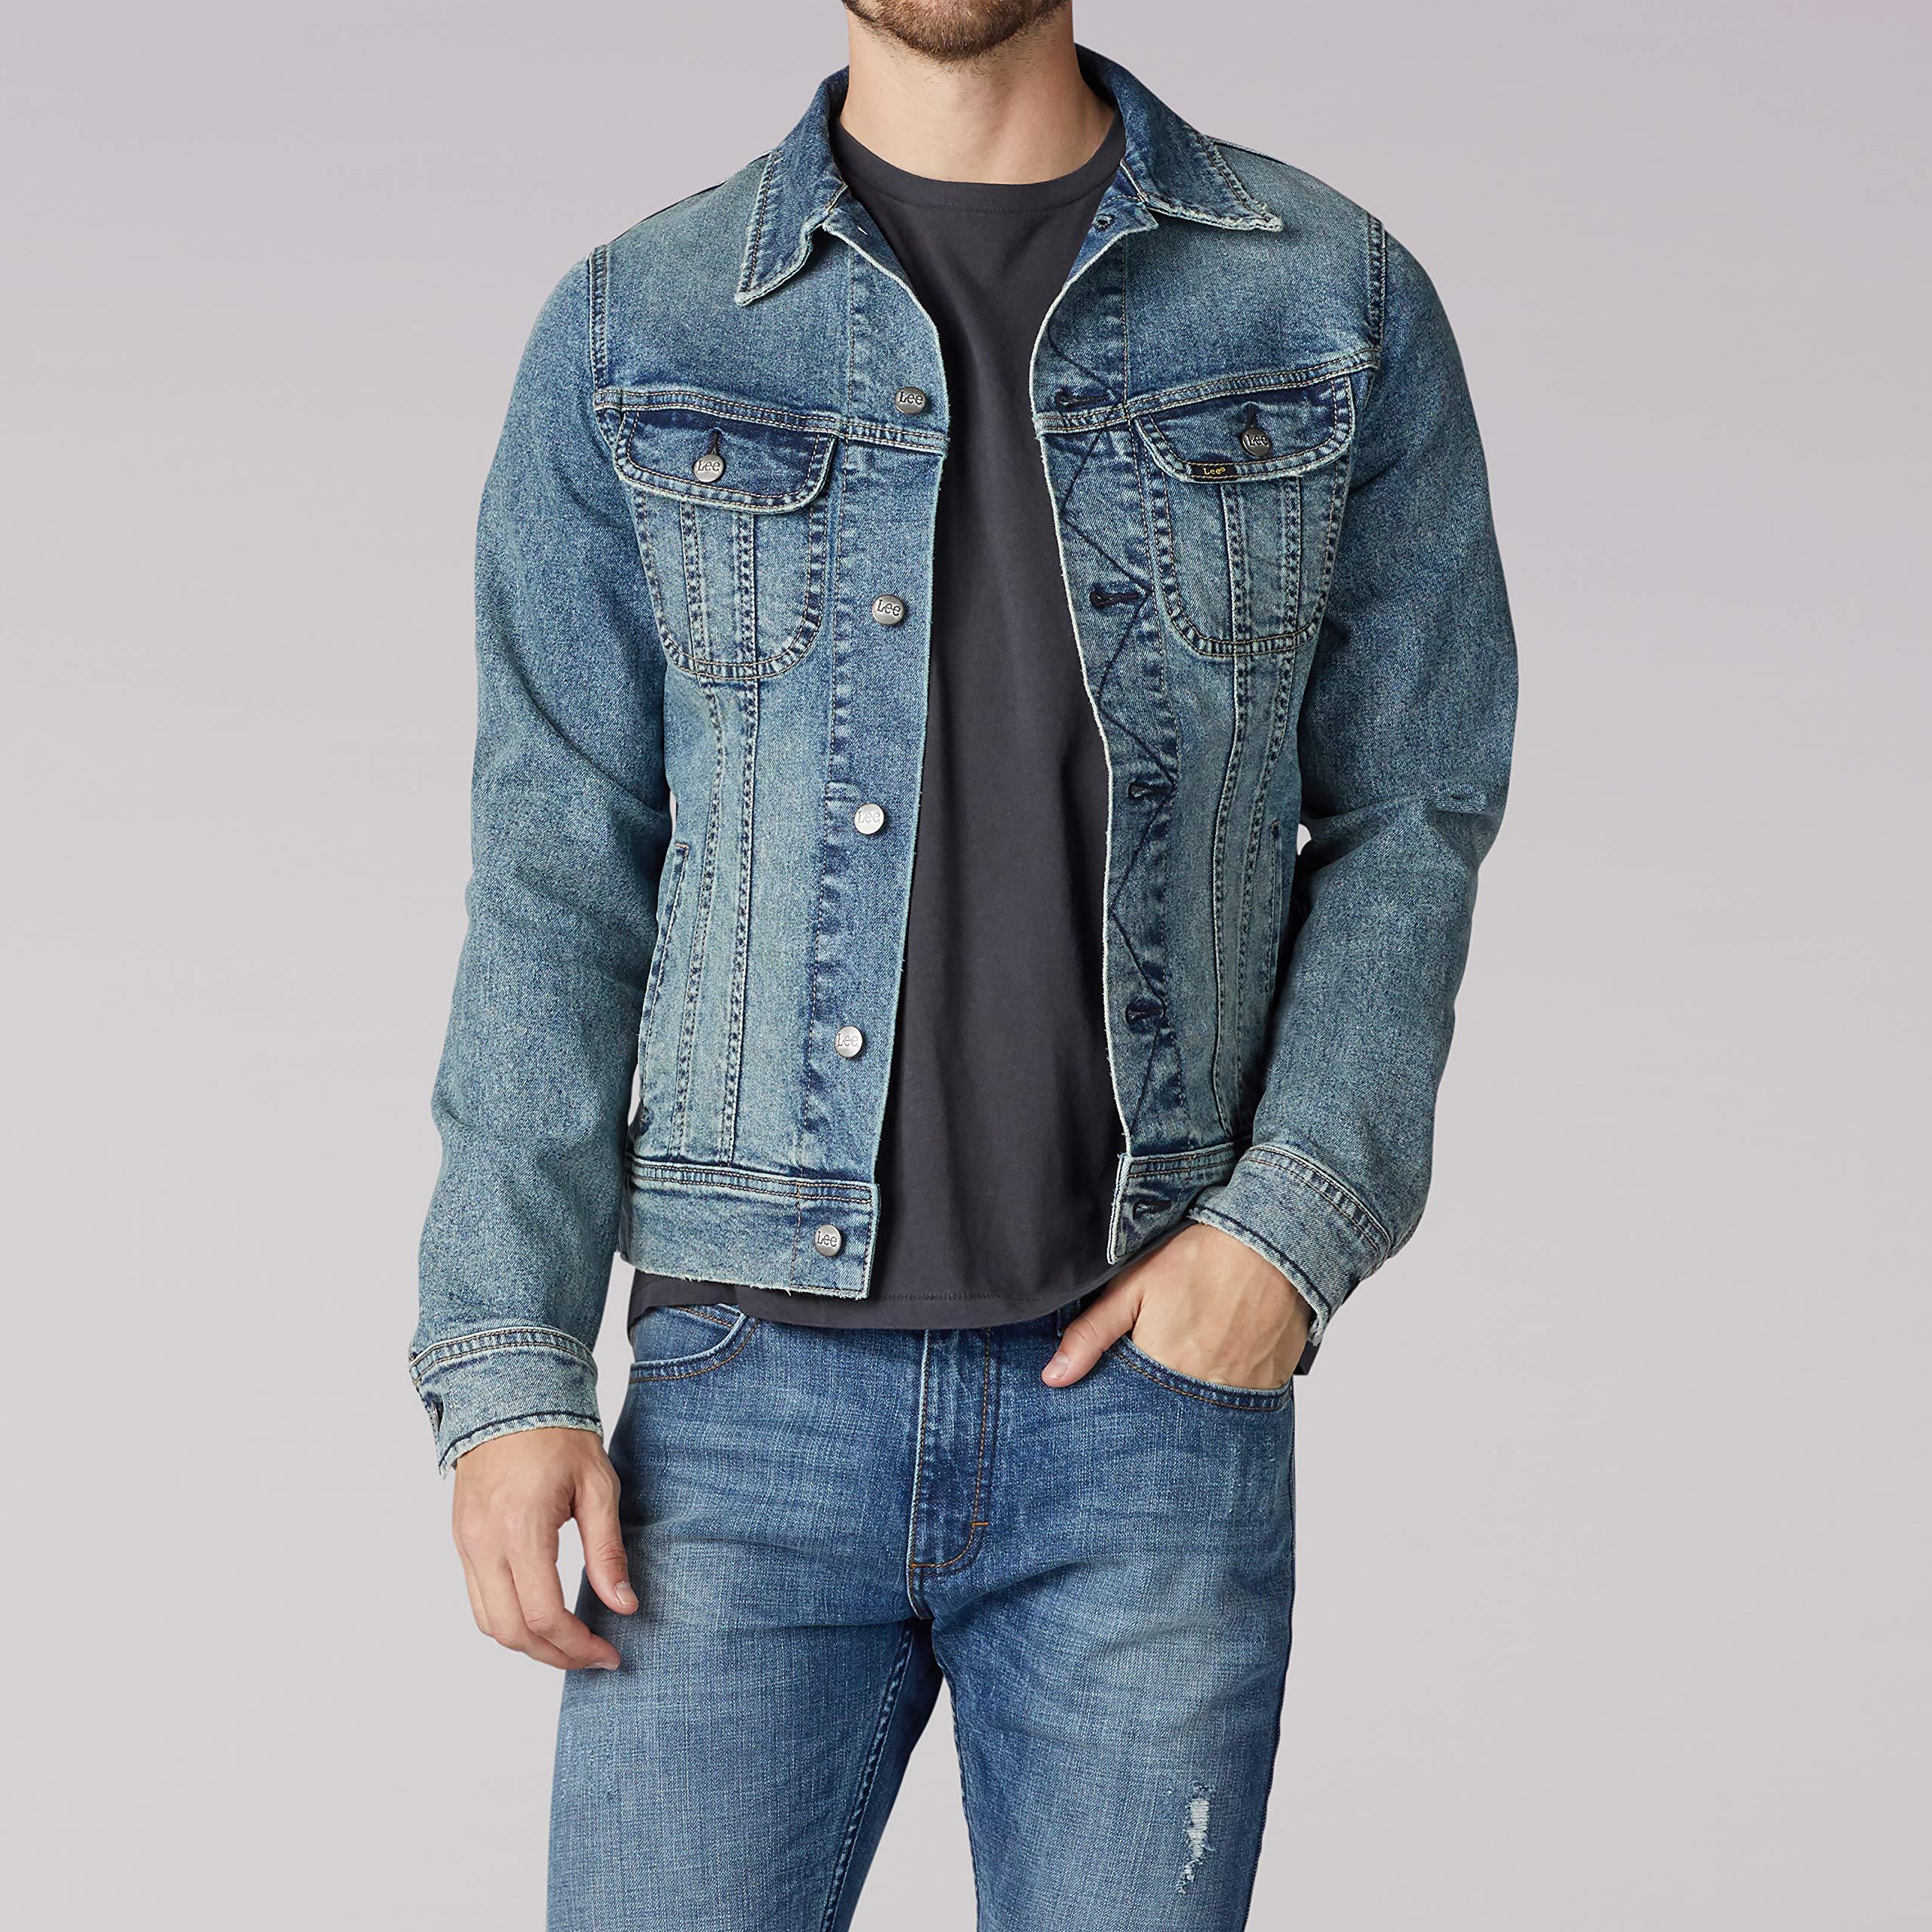 LEE Men's Denim Jacket, Old School, XX-Large by LEE